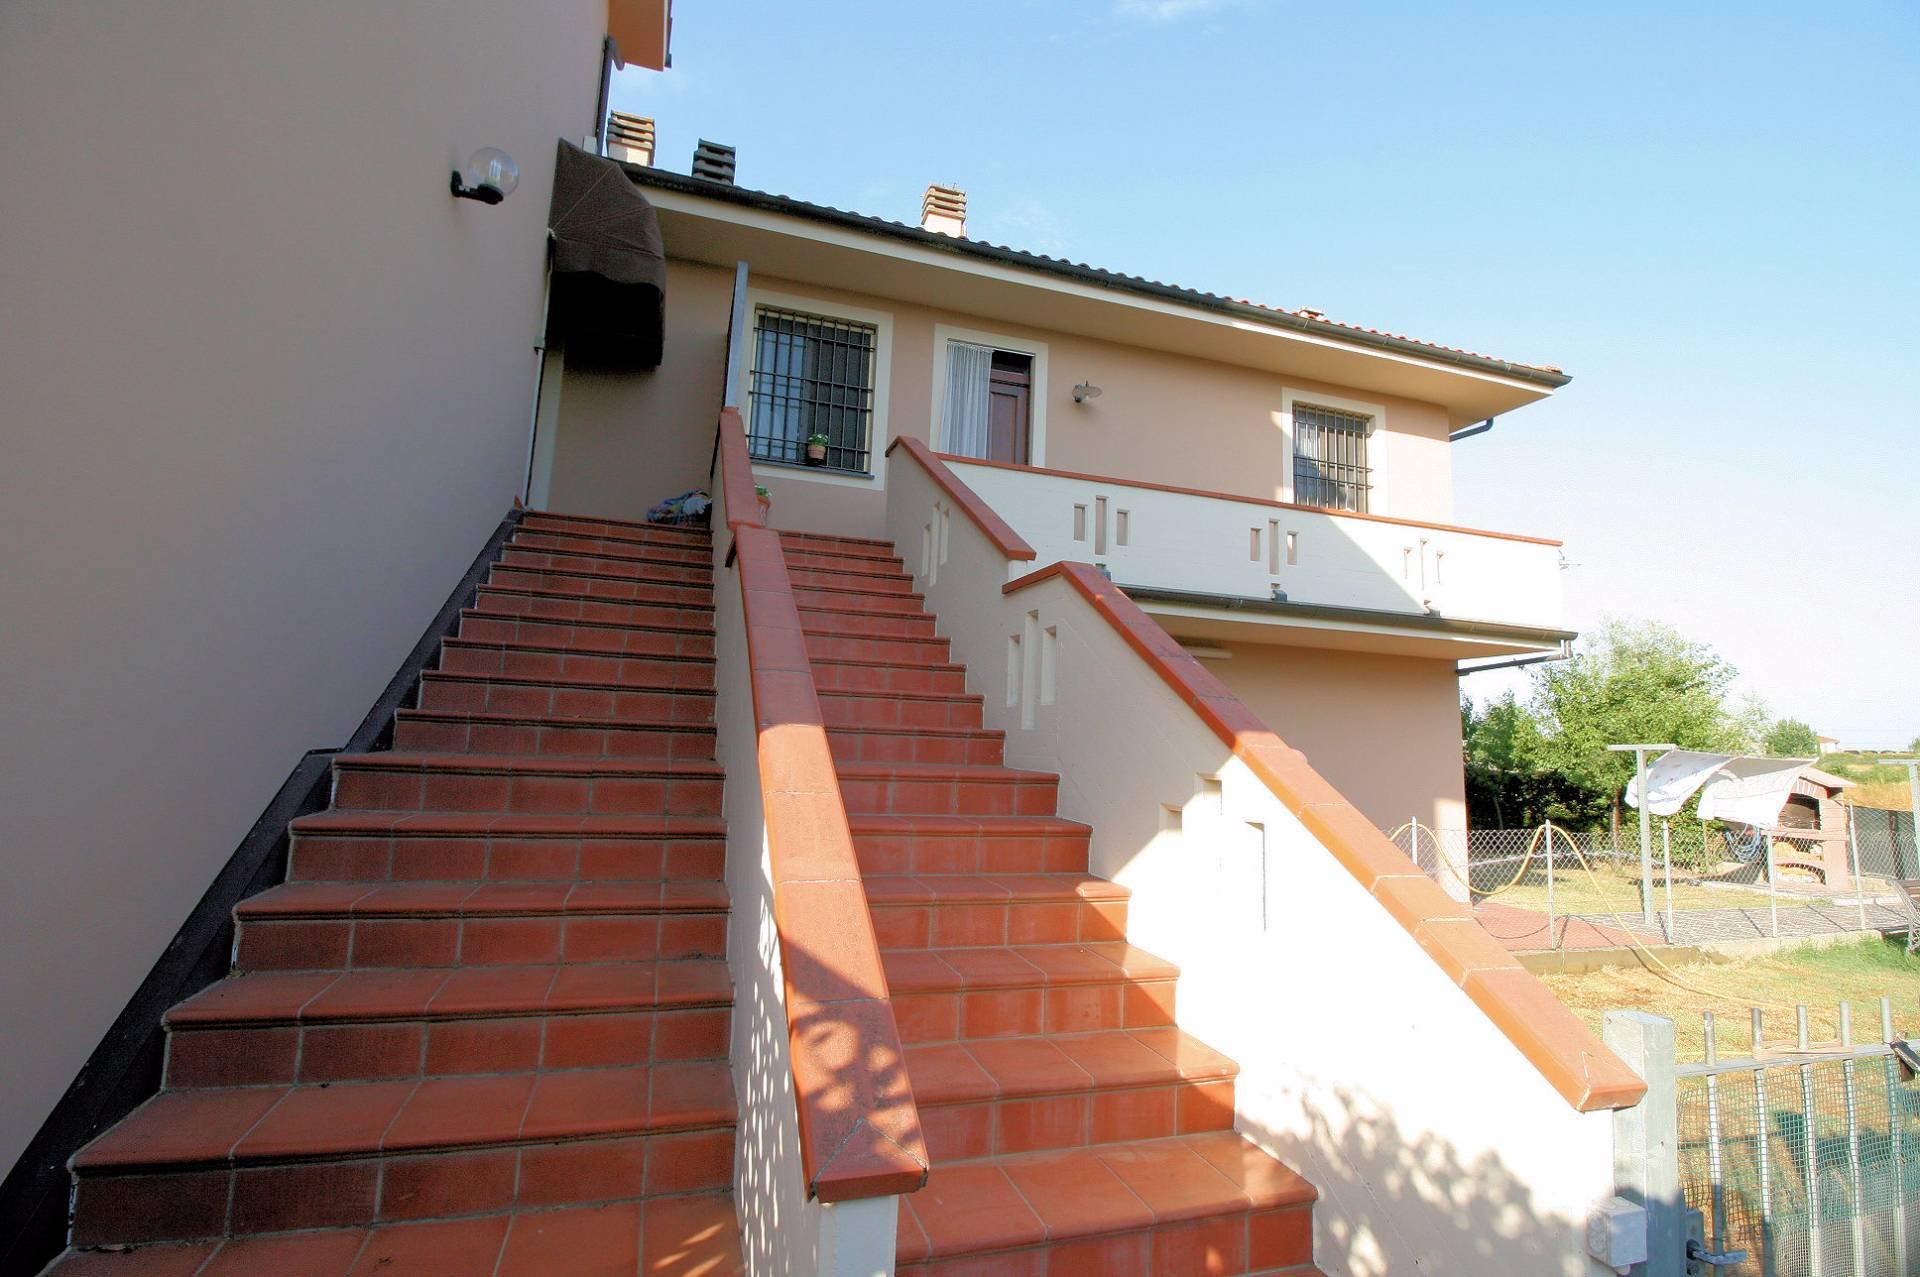 Appartamento in vendita a Altopascio, 8 locali, prezzo € 195.000 | CambioCasa.it